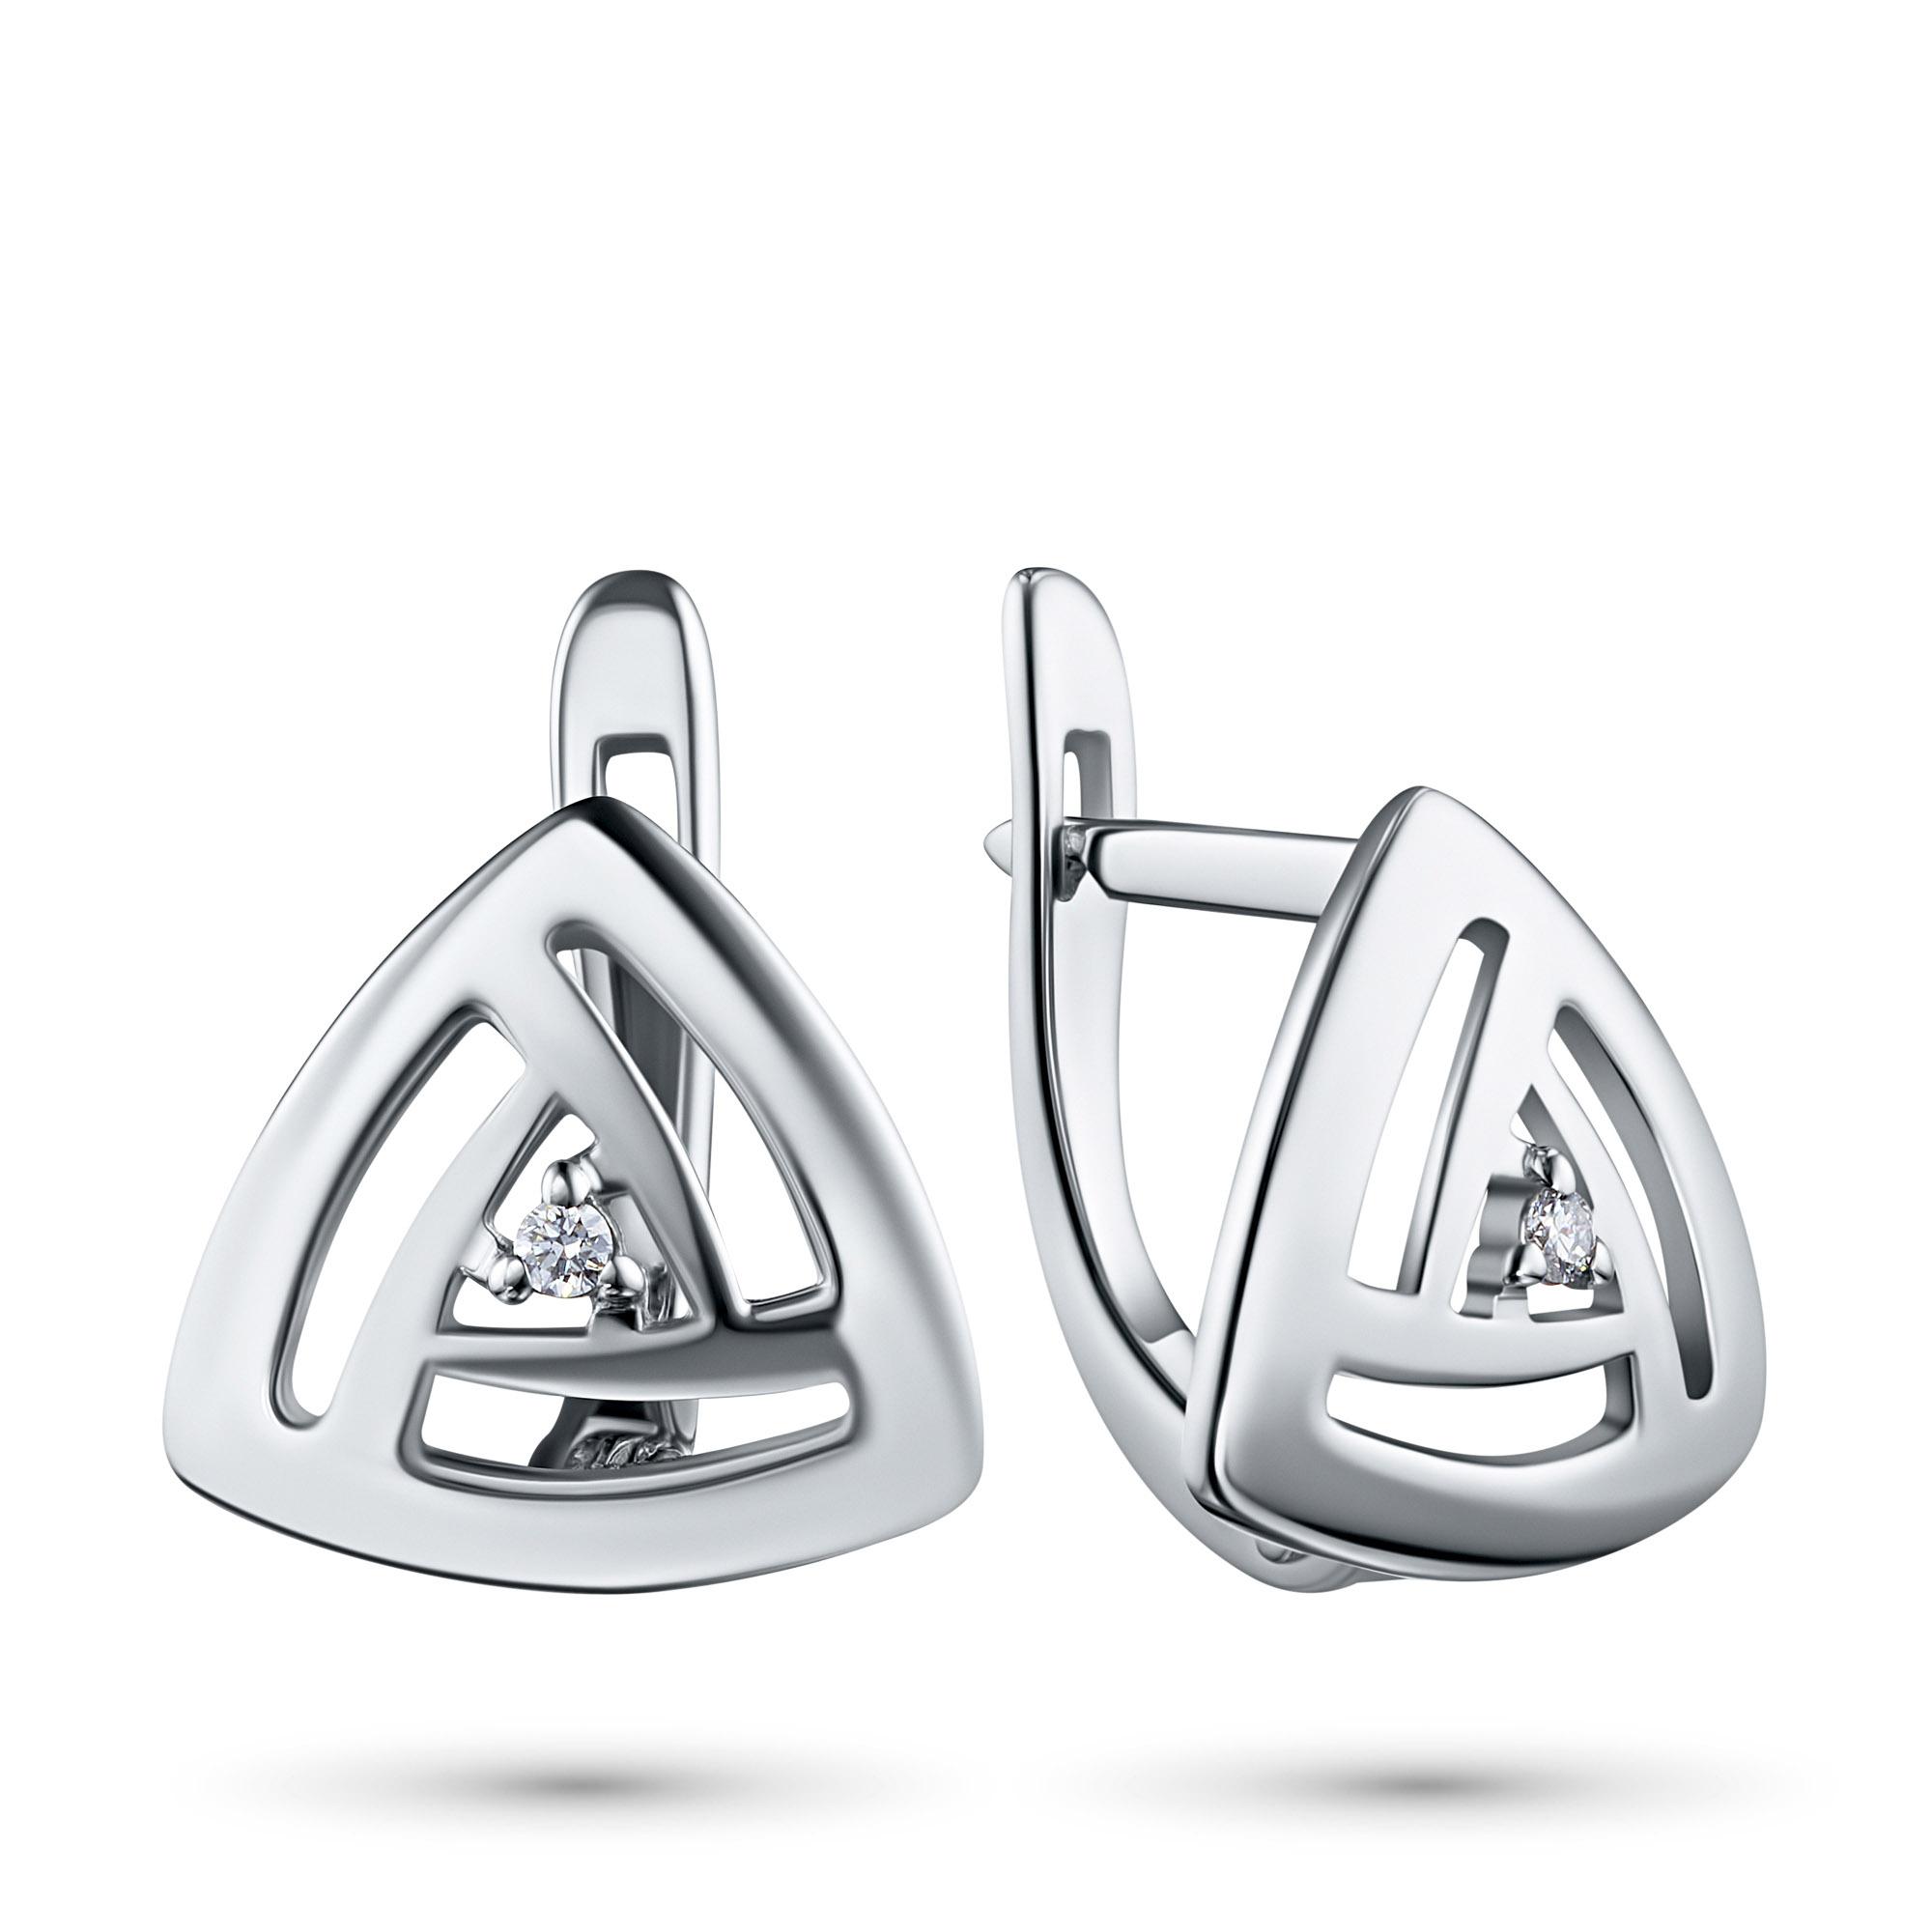 Серьги из серебра с бриллиантом э0601сг06200109 э0601сг06200109